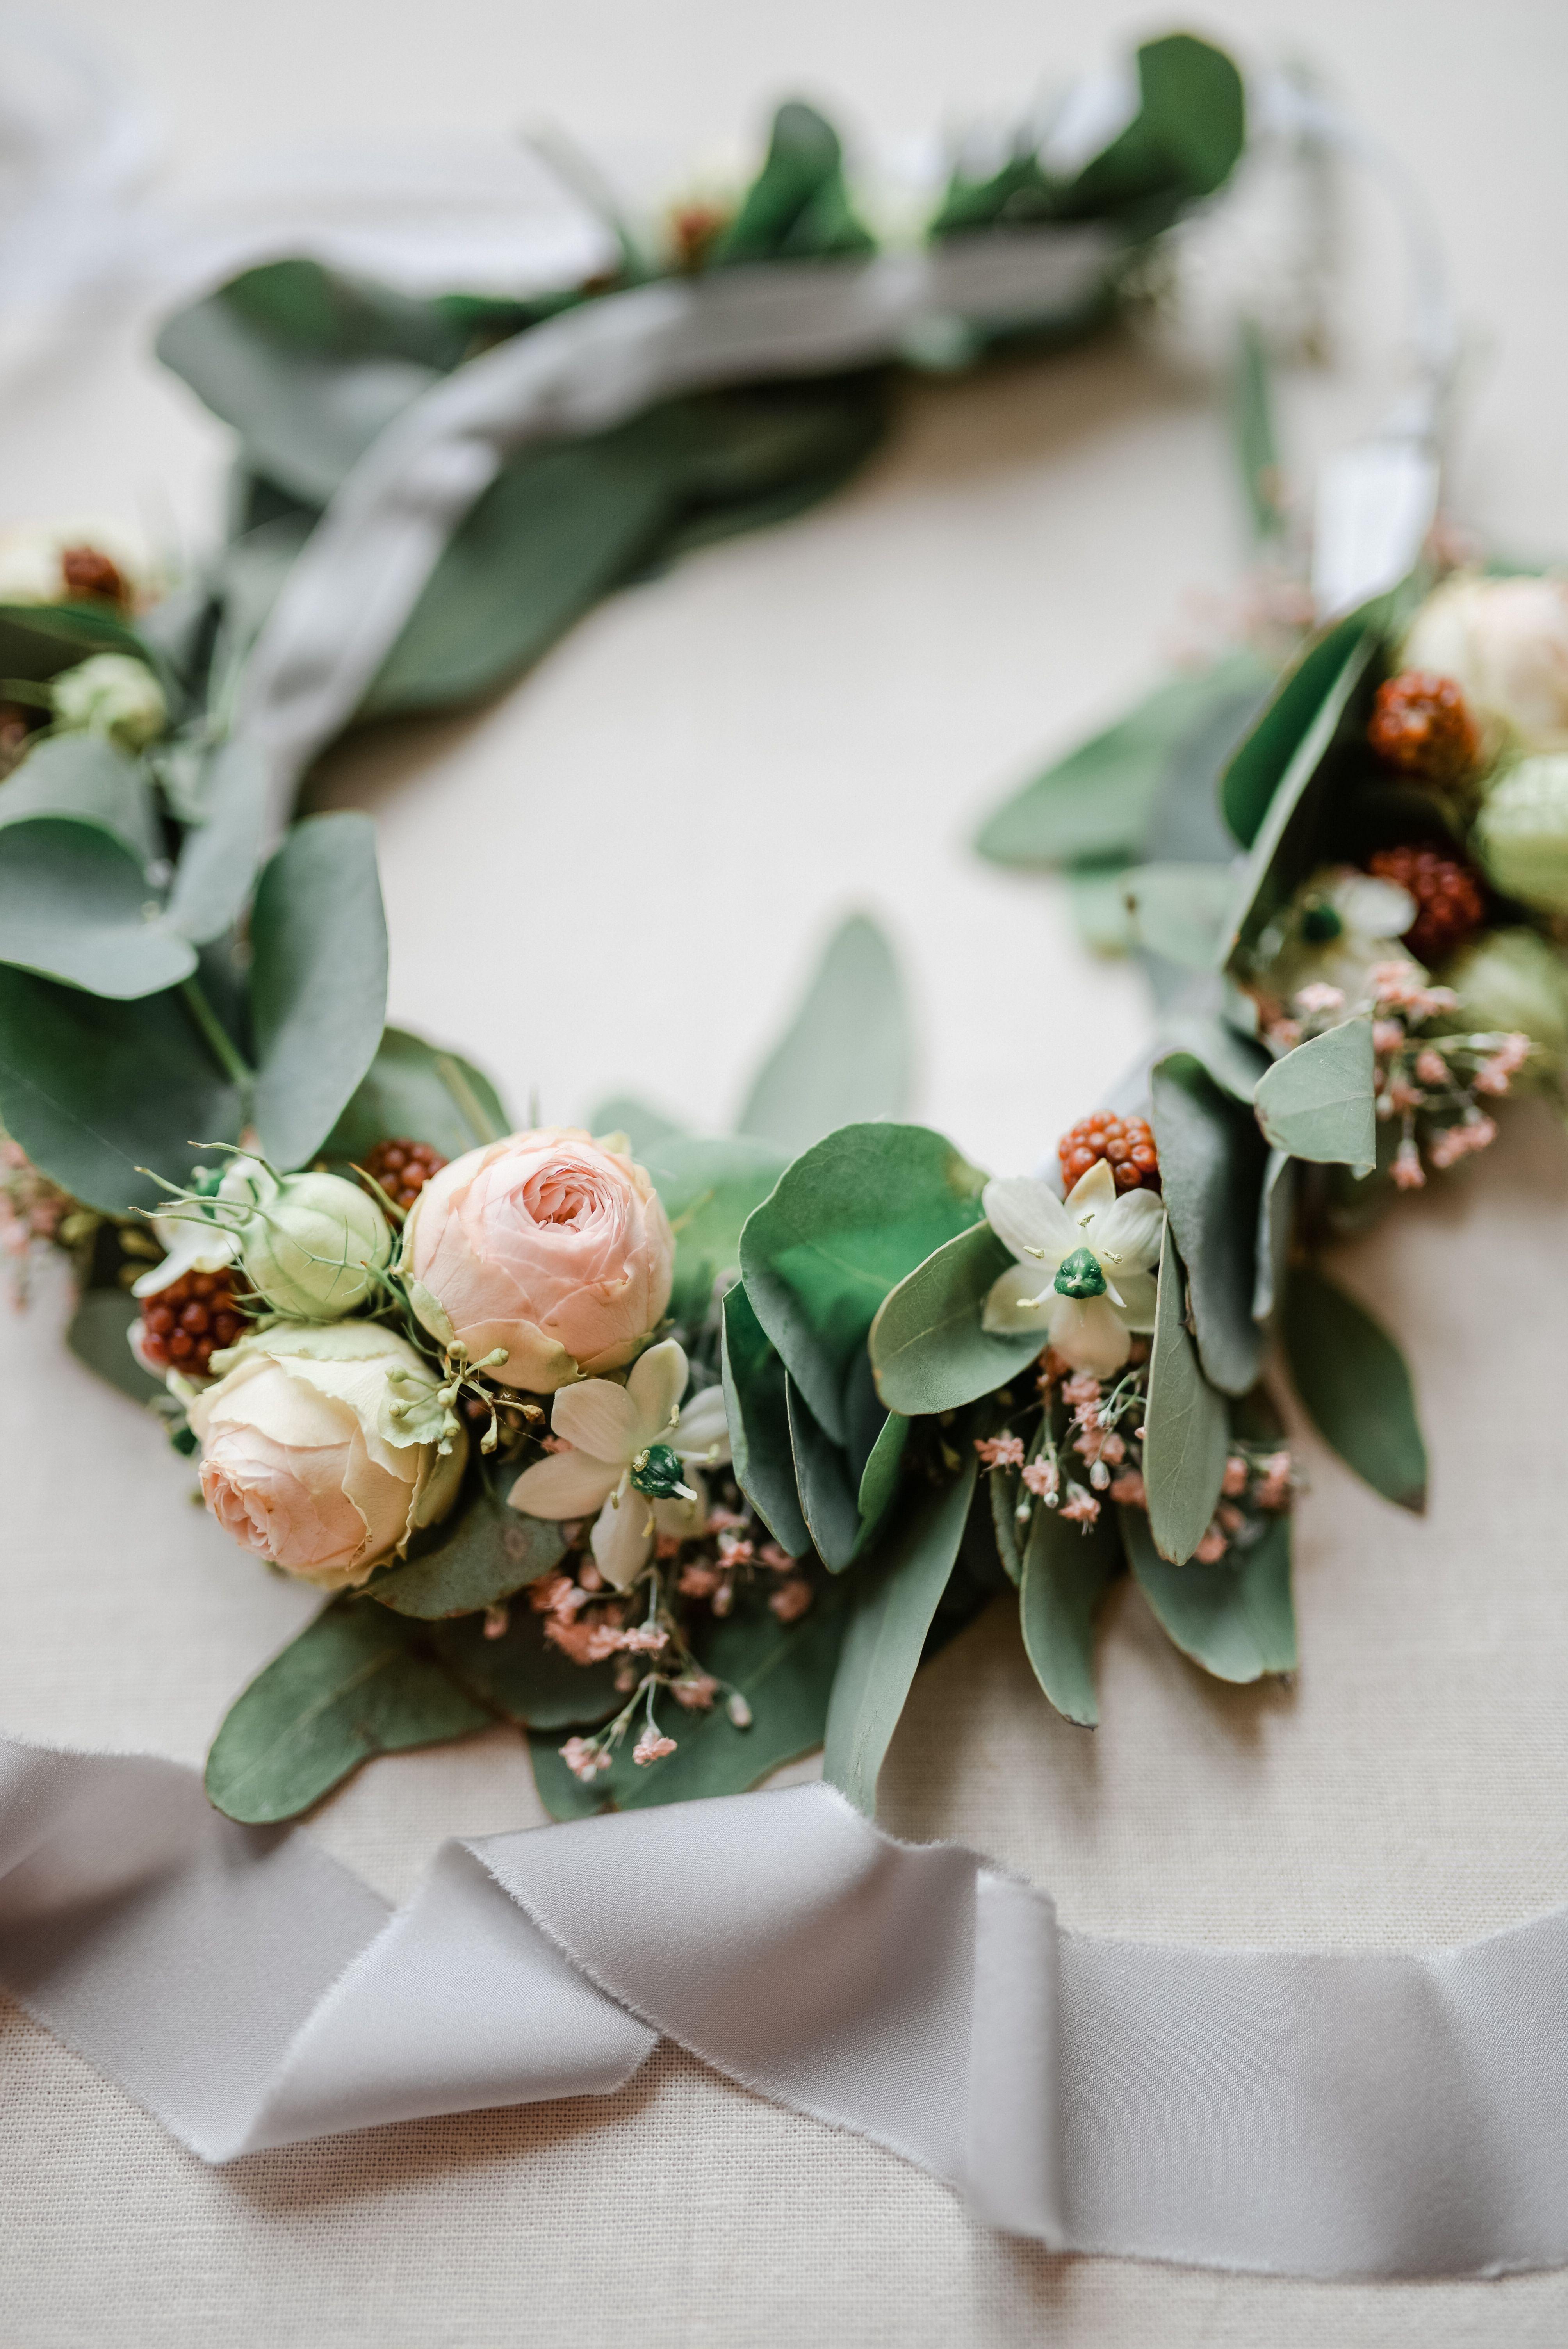 Best Of Weddings Anma Koy Photography Fine Art Weddings Blumen Hochzeit Haare Blumenkranz Hochzeit Blumenkranz Haare